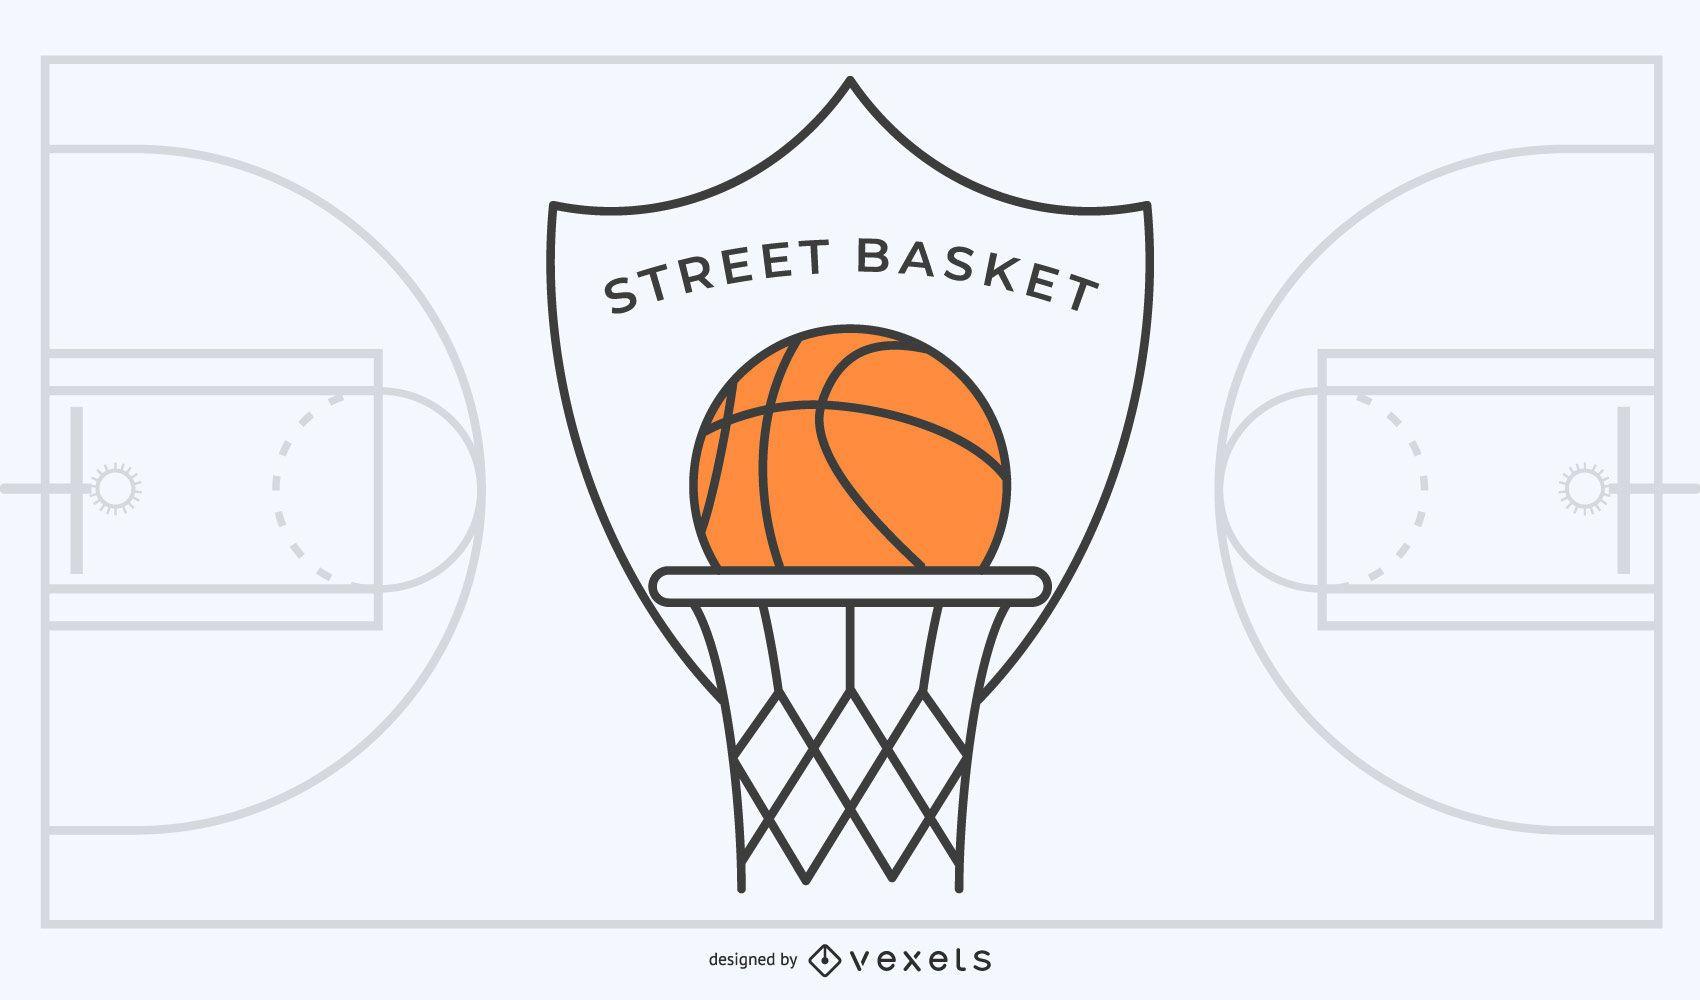 Logotipo do basquete de rua